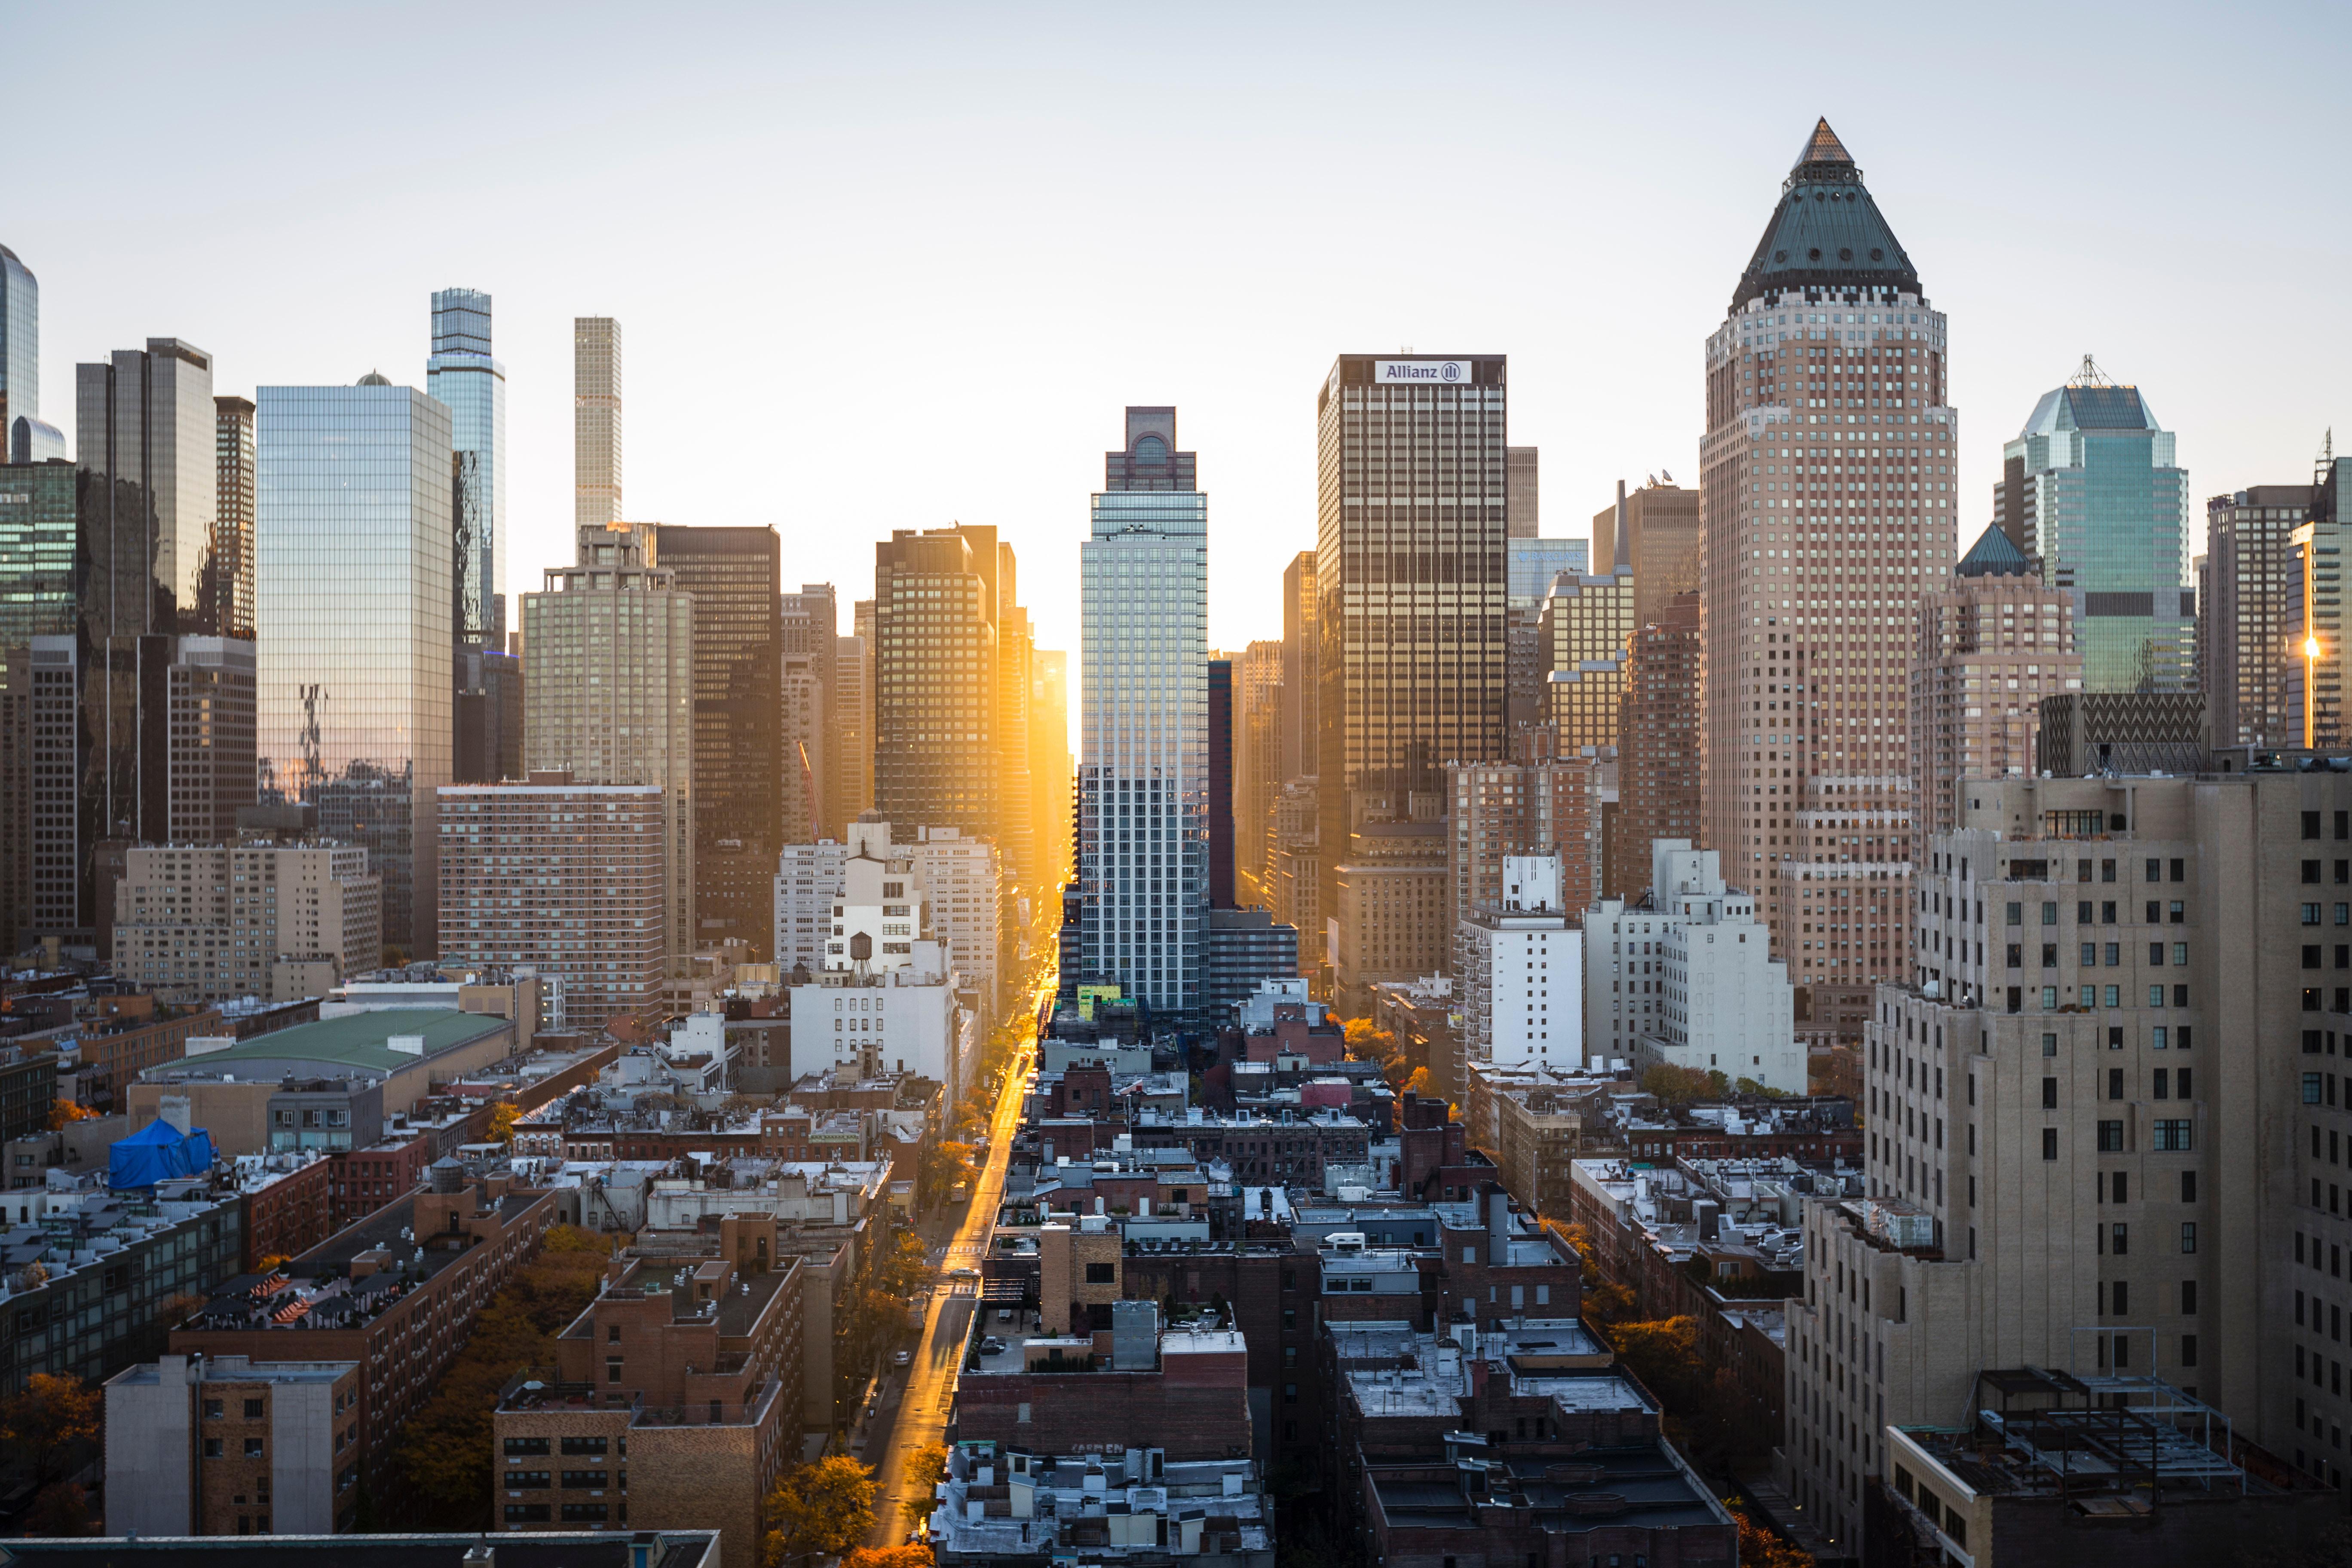 美国购房指南系列|手把手教学美国购房全流程